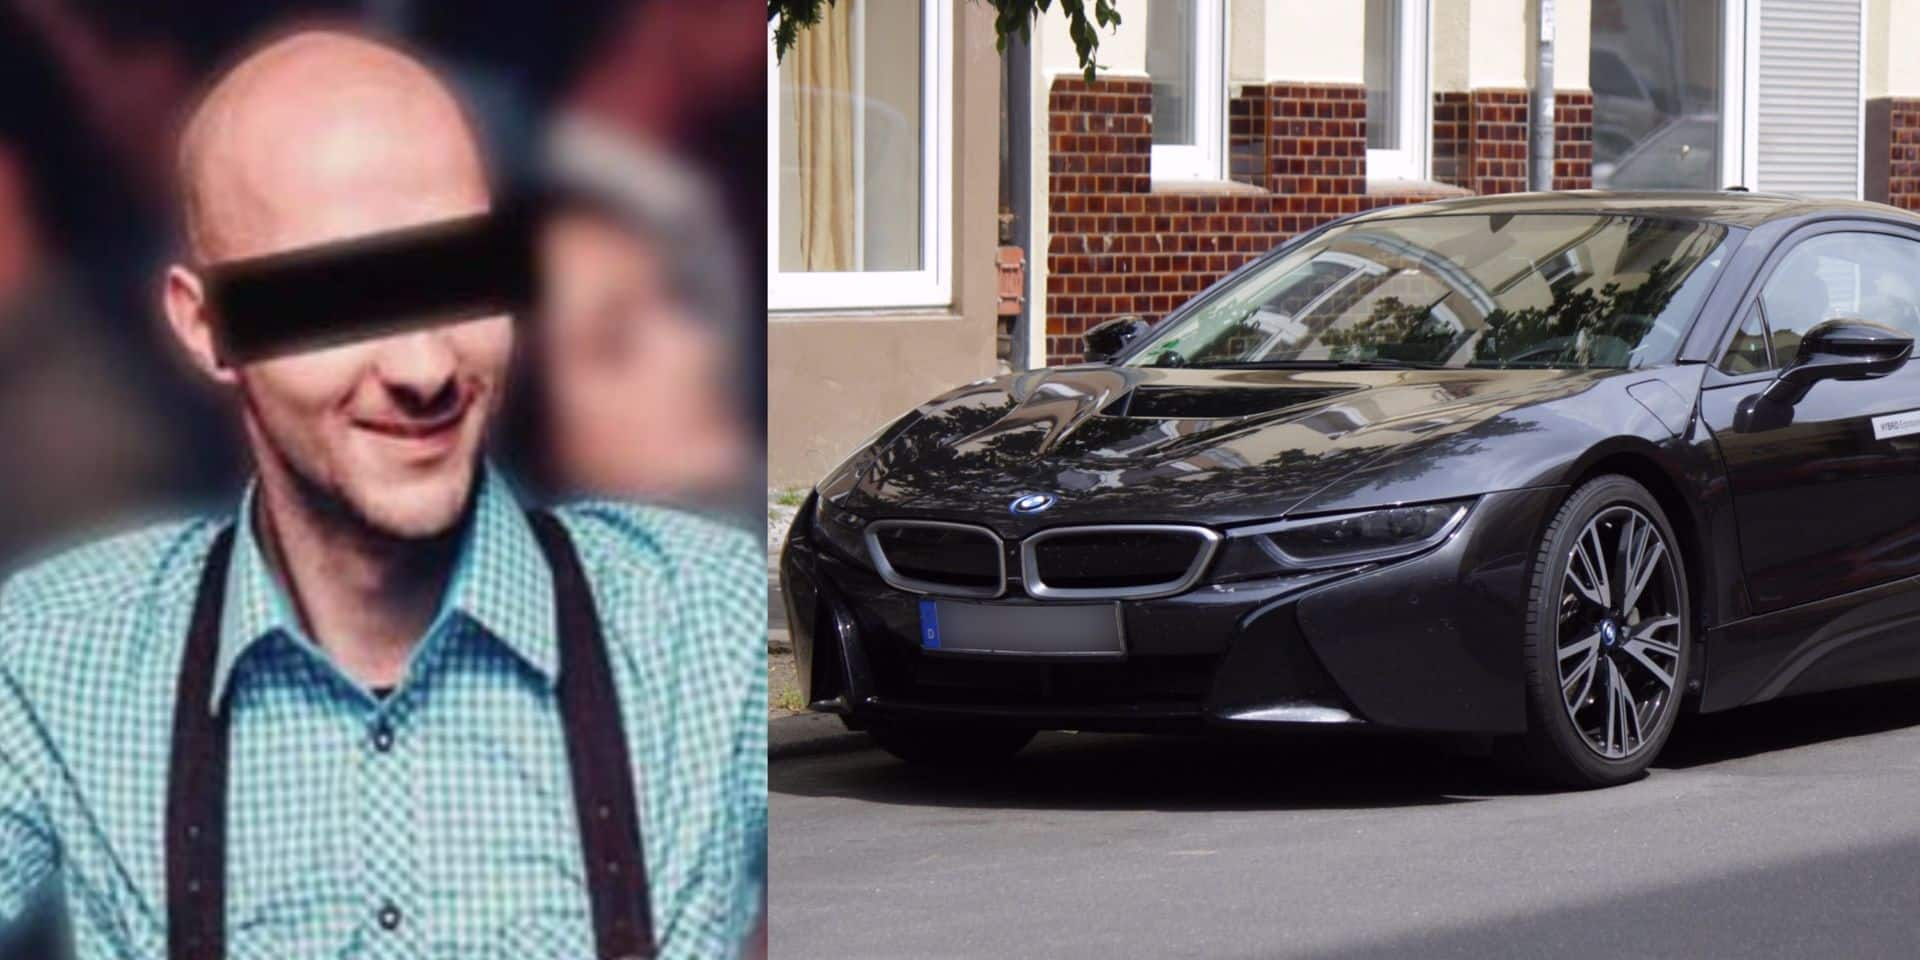 """L'incroyable excuse d'un homme qui a tué deux amis en faisant la course en BMW: """"Les voitures sportives sont faites pour rouler vite"""""""